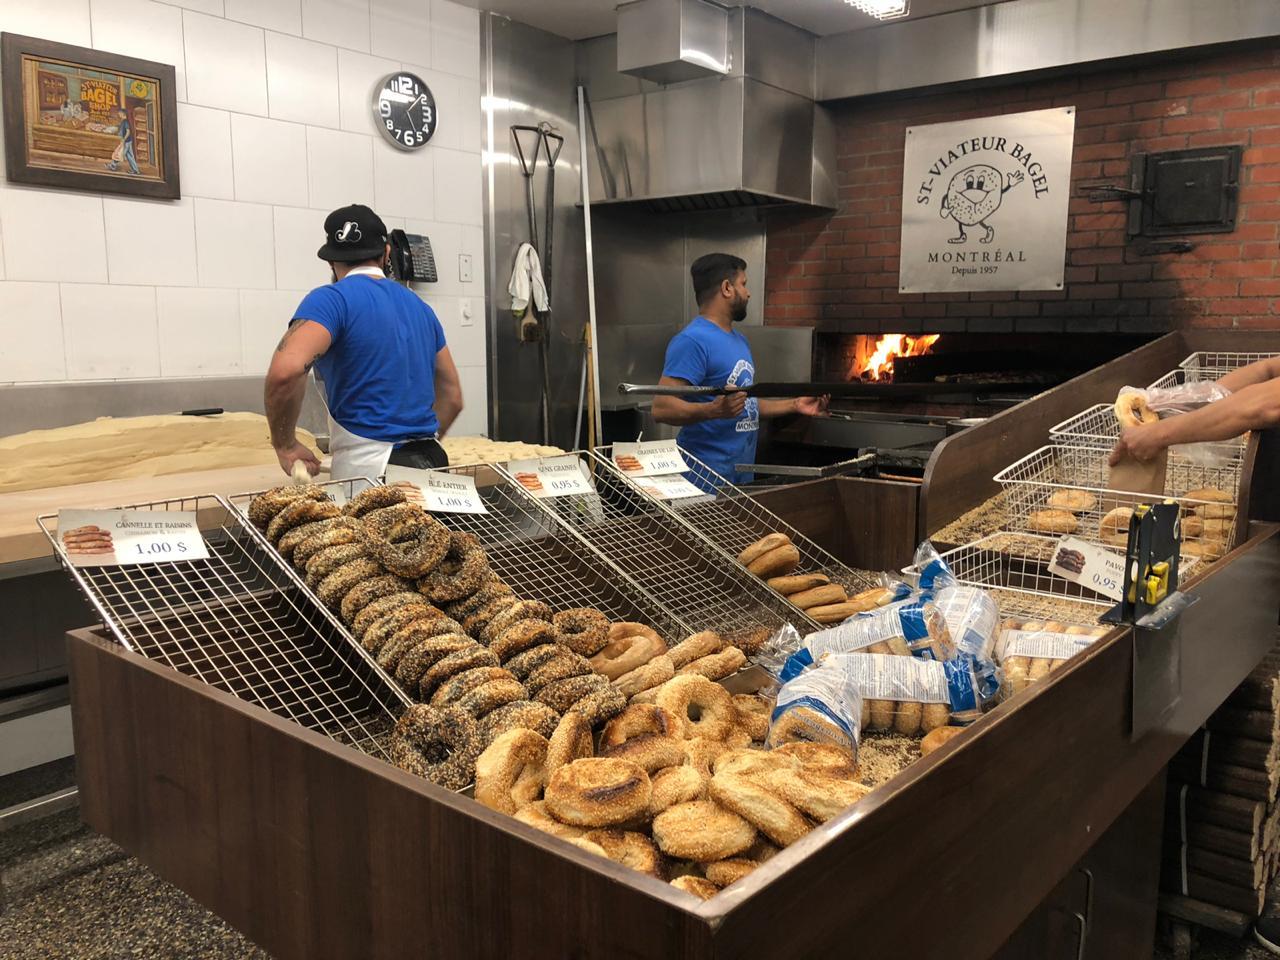 padeiros fazendo bagel em Boulangerie St Viateur Bagel Shop